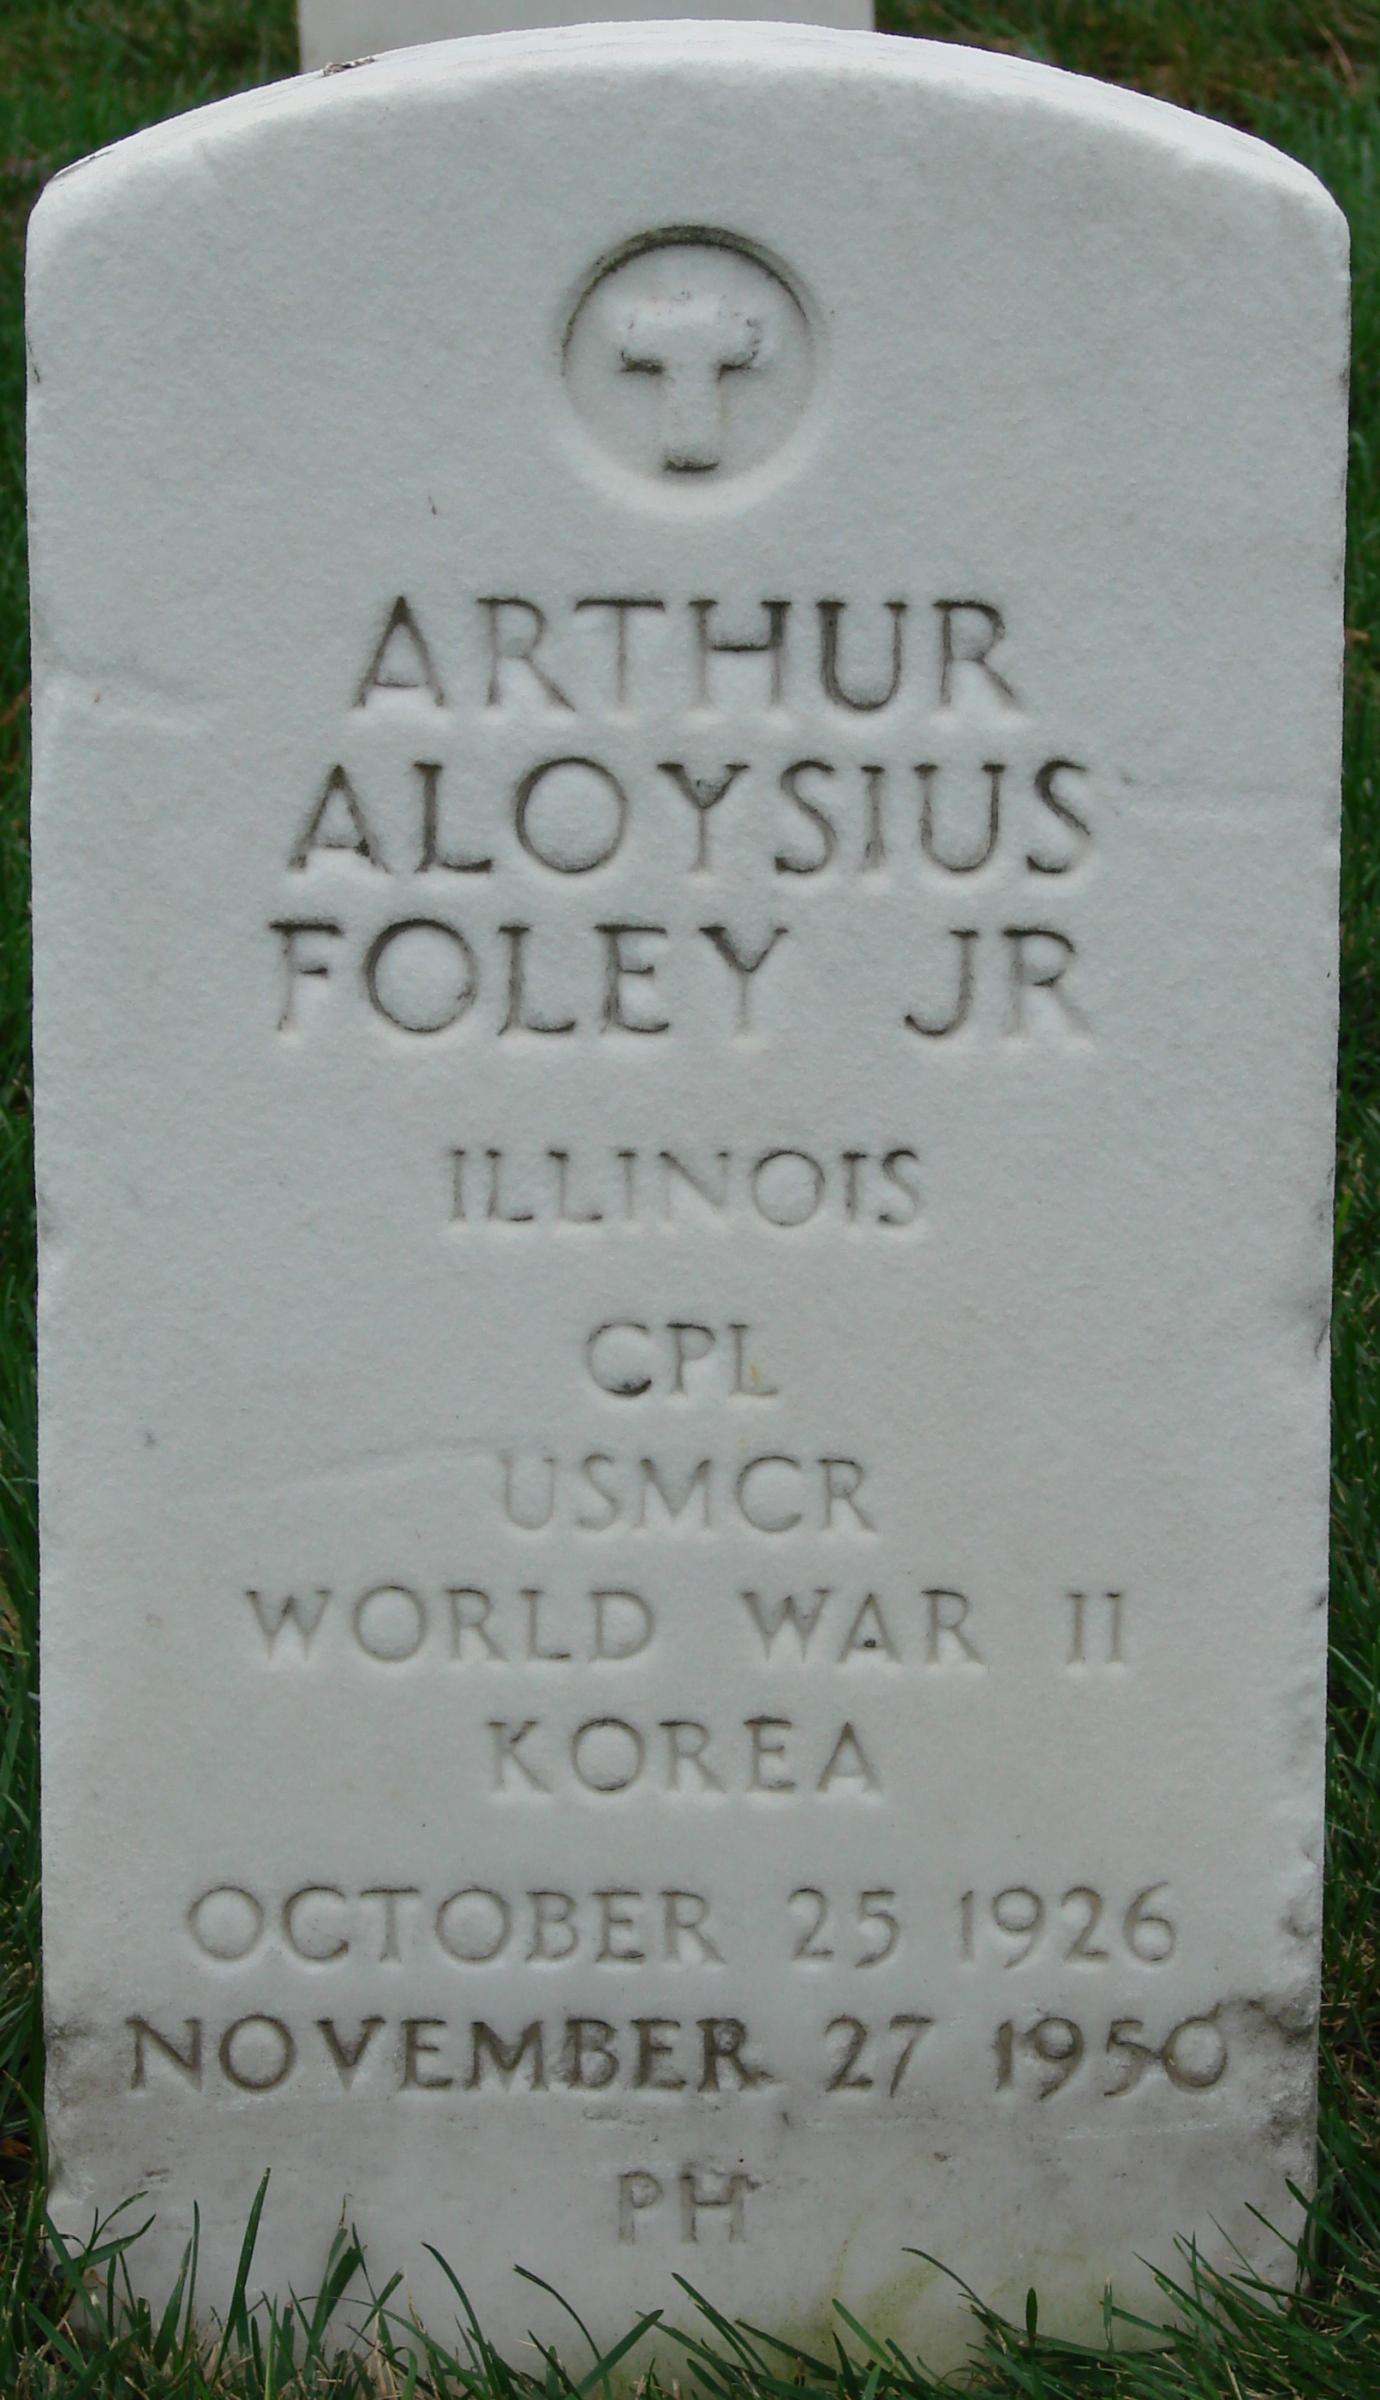 Corp Arthur Aloysius Foley, Jr